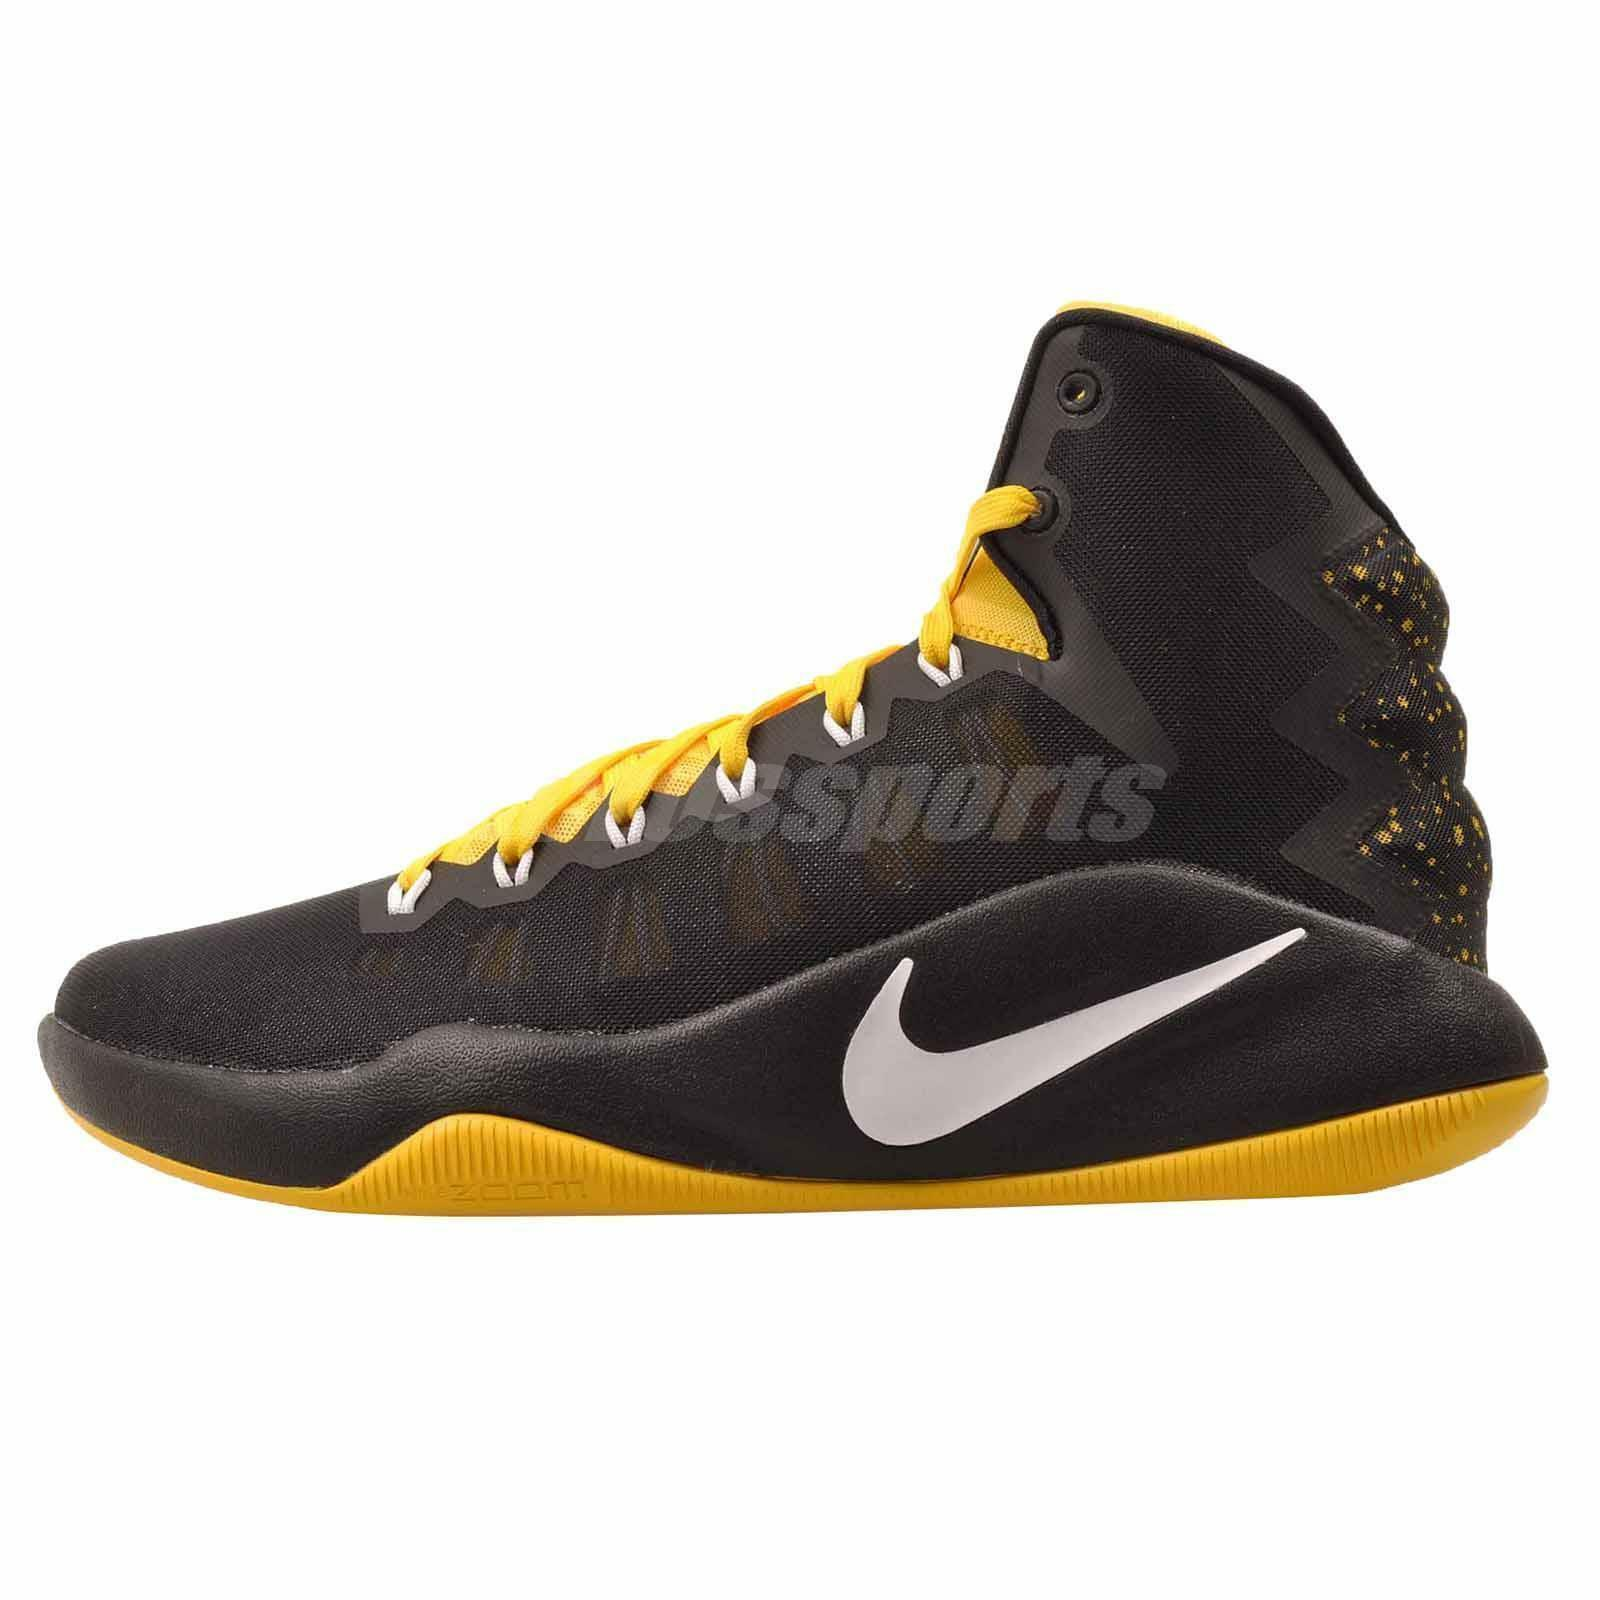 Nike hyperdunk (844362-017) 2018 se Hombre Basketball Zapatos (844362-017) hyperdunk negro / amarillo 76b139